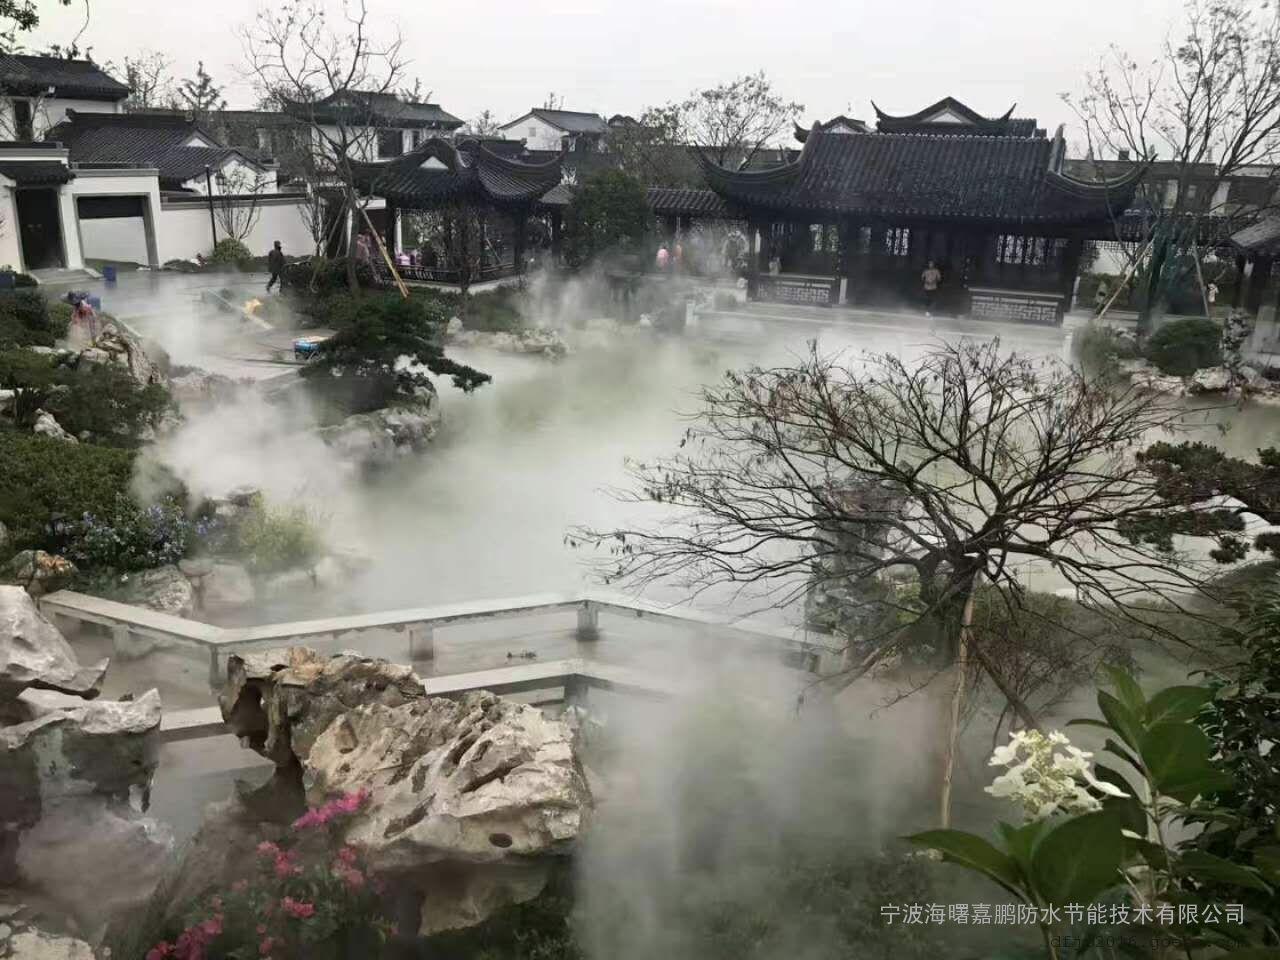 临沂喷雾景观工程-临沂景观造雾设备安装报价-嘉鹏2018